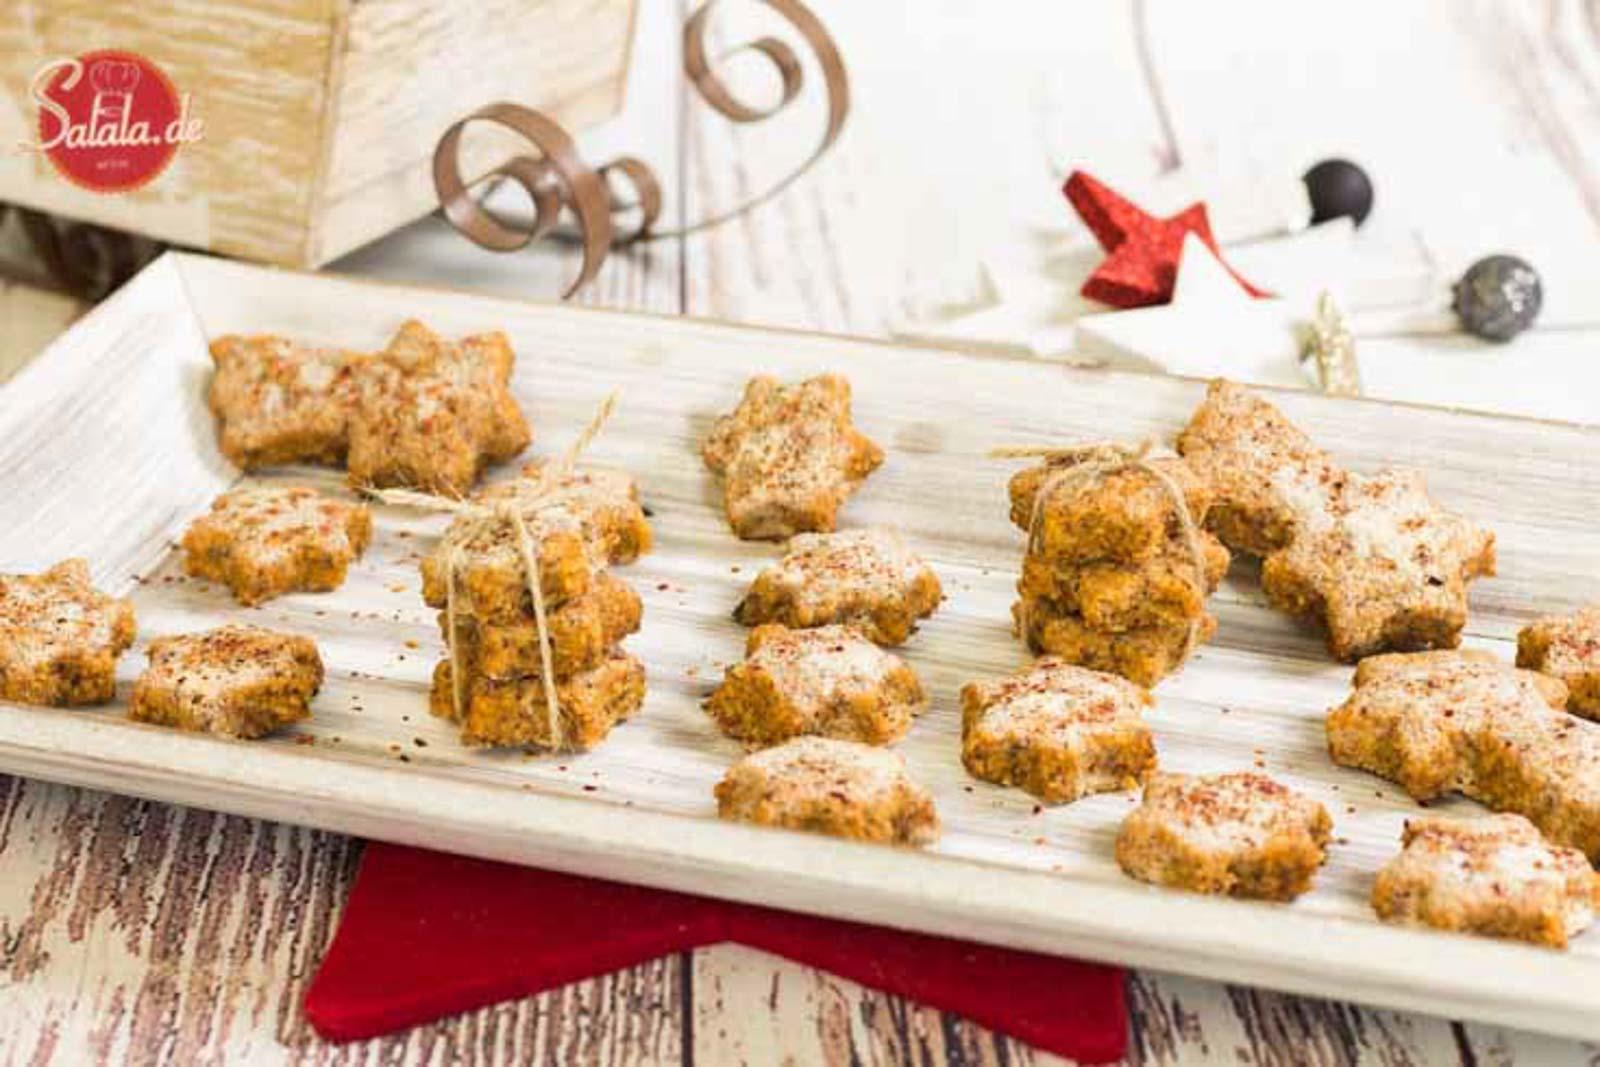 Low Carb Chilisterne - by salala.de - Chilisterne wie Zimtsterne Backen ohne Mehl Backen ohne Zucker mehlfrei zuckerfrei scharf Chili Rezept glutenfrei